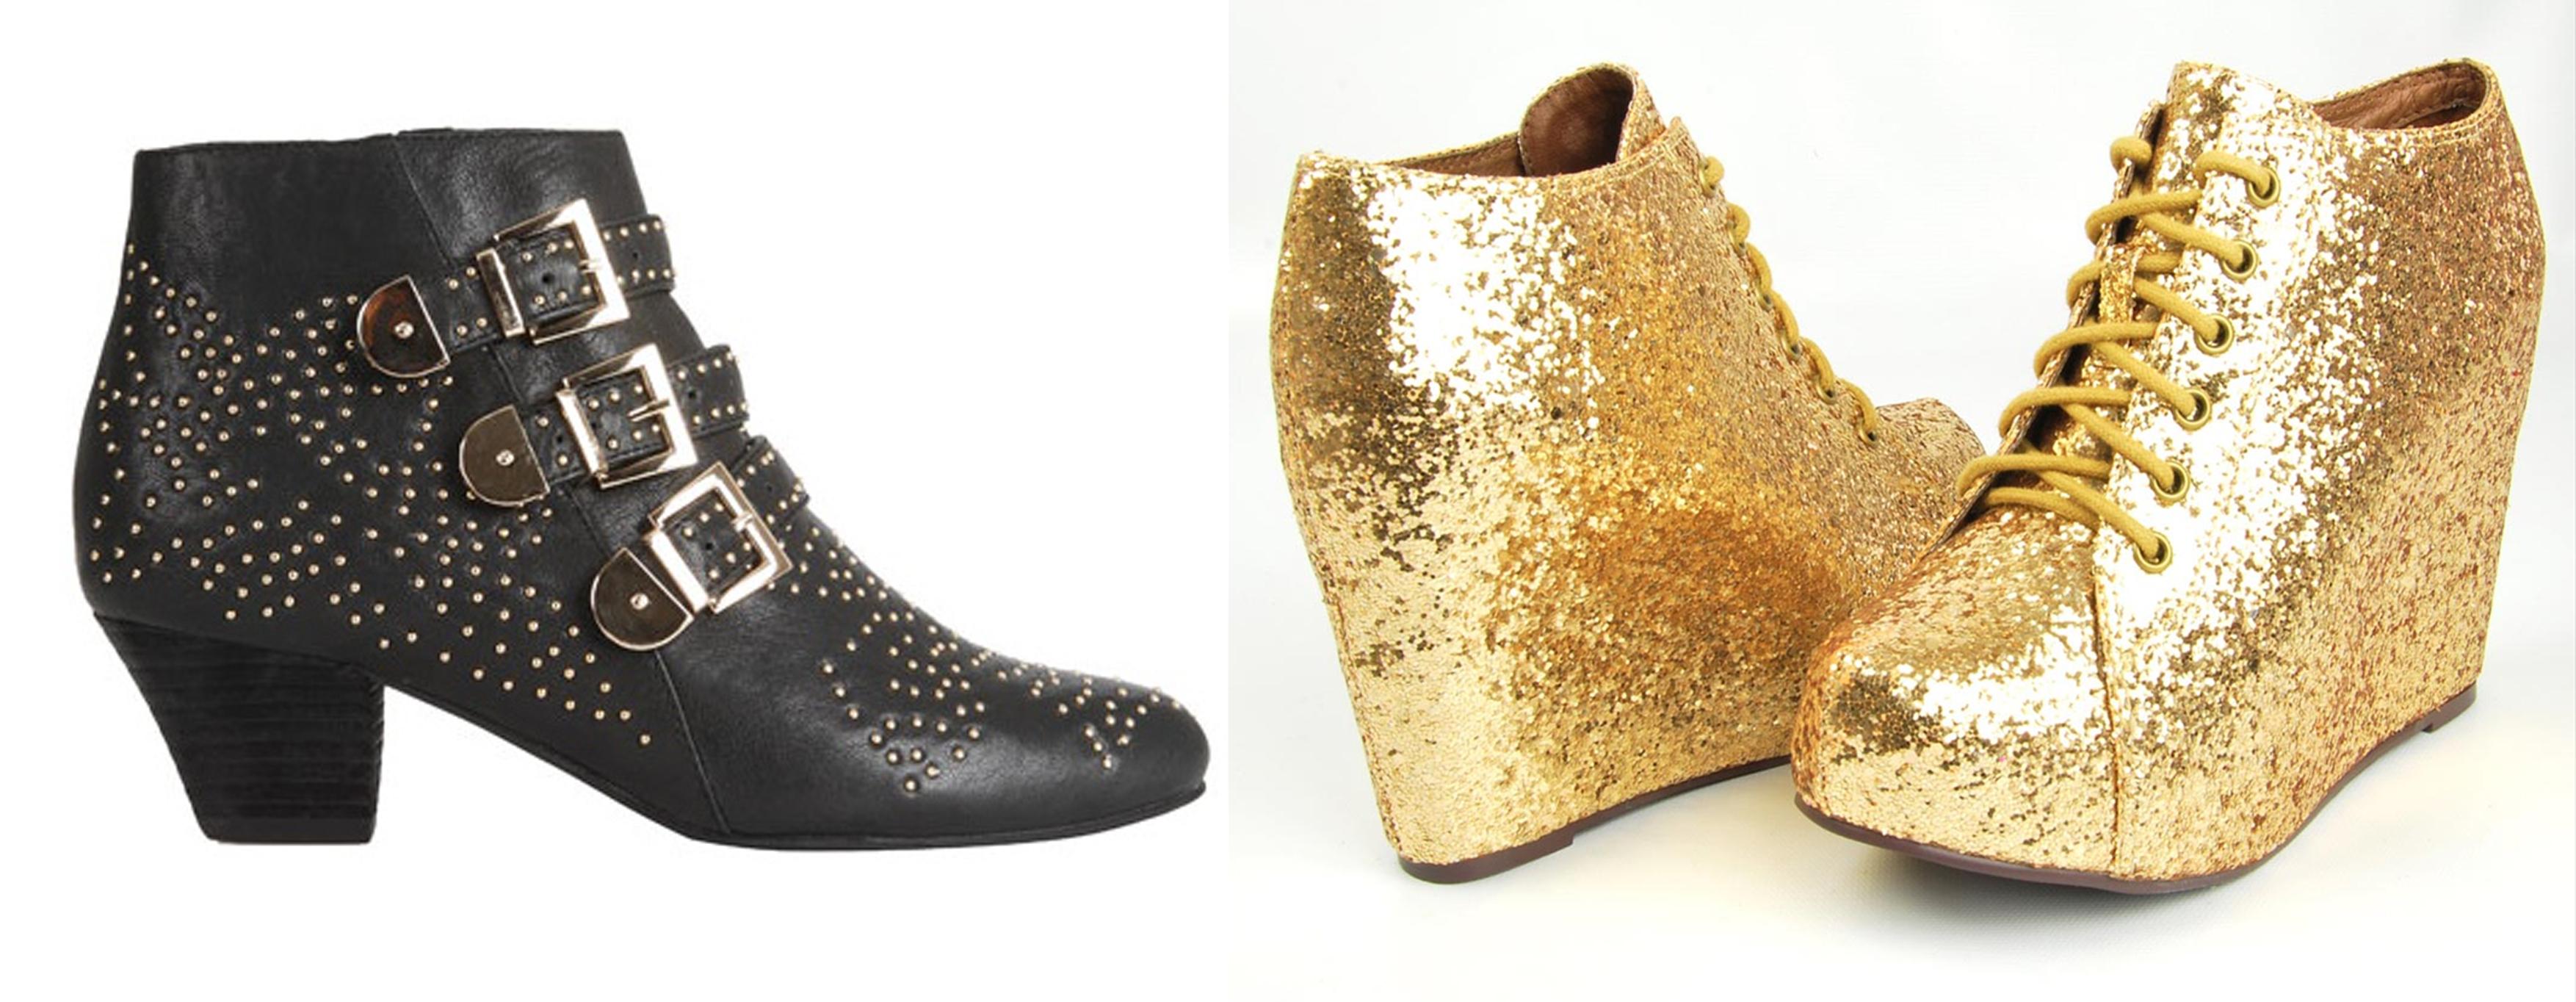 a31a268066 O mais legal desses sapatos são o preço, não são tão caros comparados a  outras marcas que estão fazendo o mesmo sucesso.